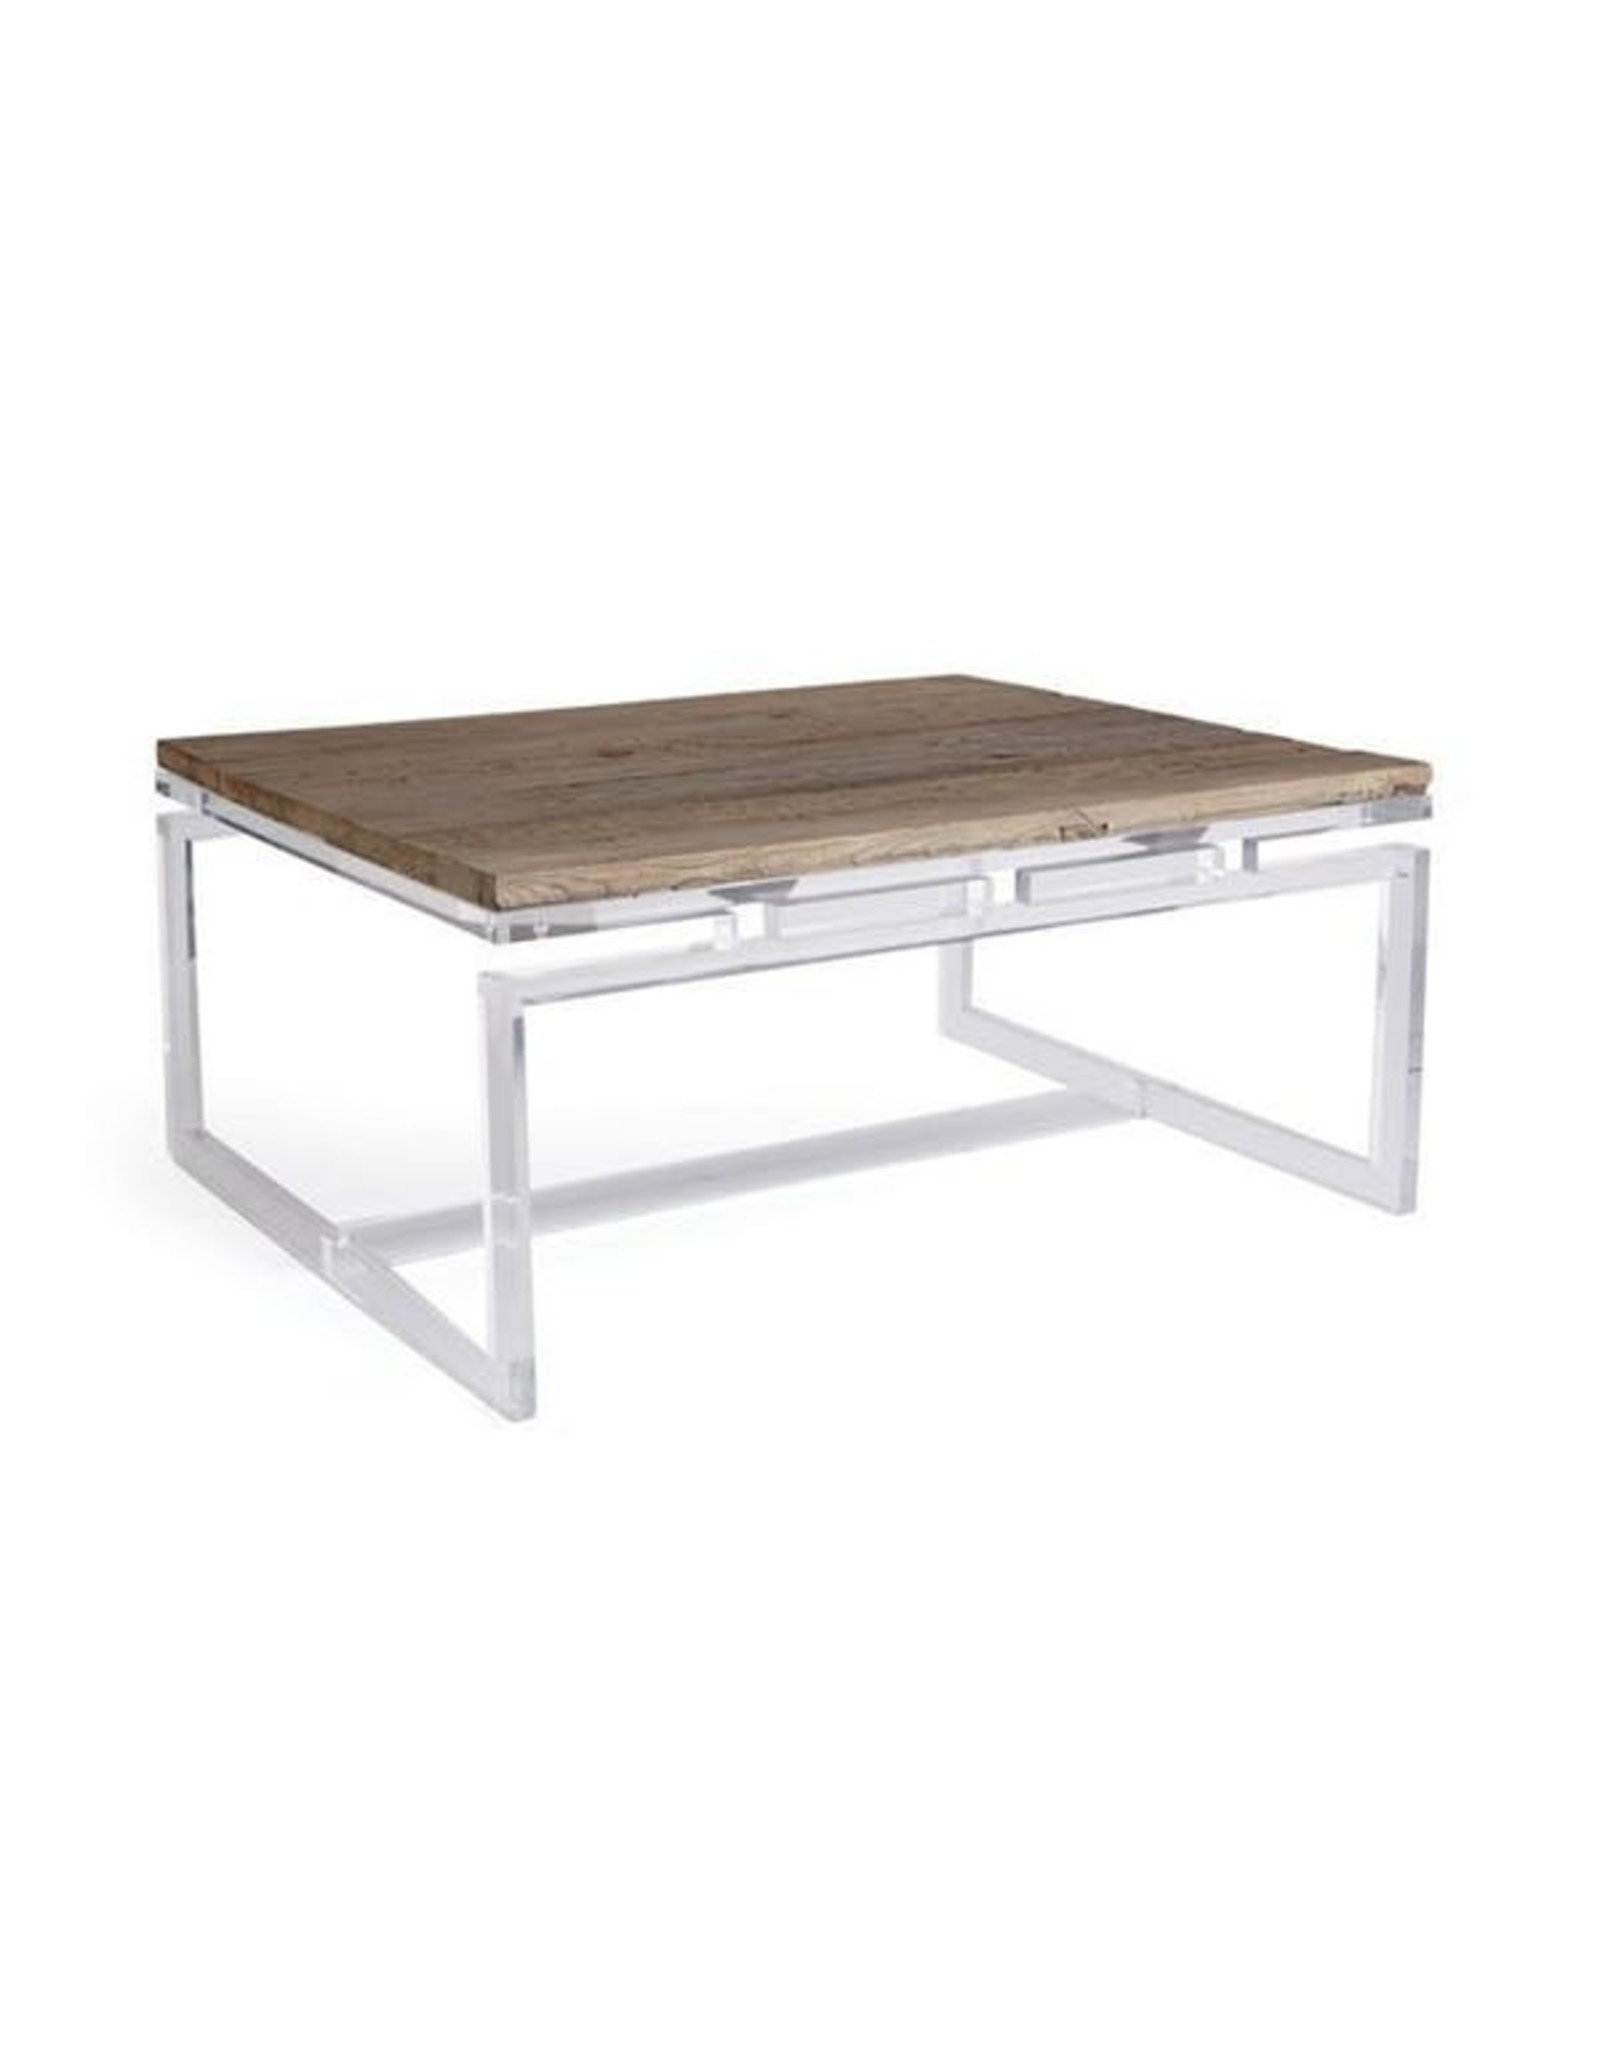 Acrylic Base Coffee Table